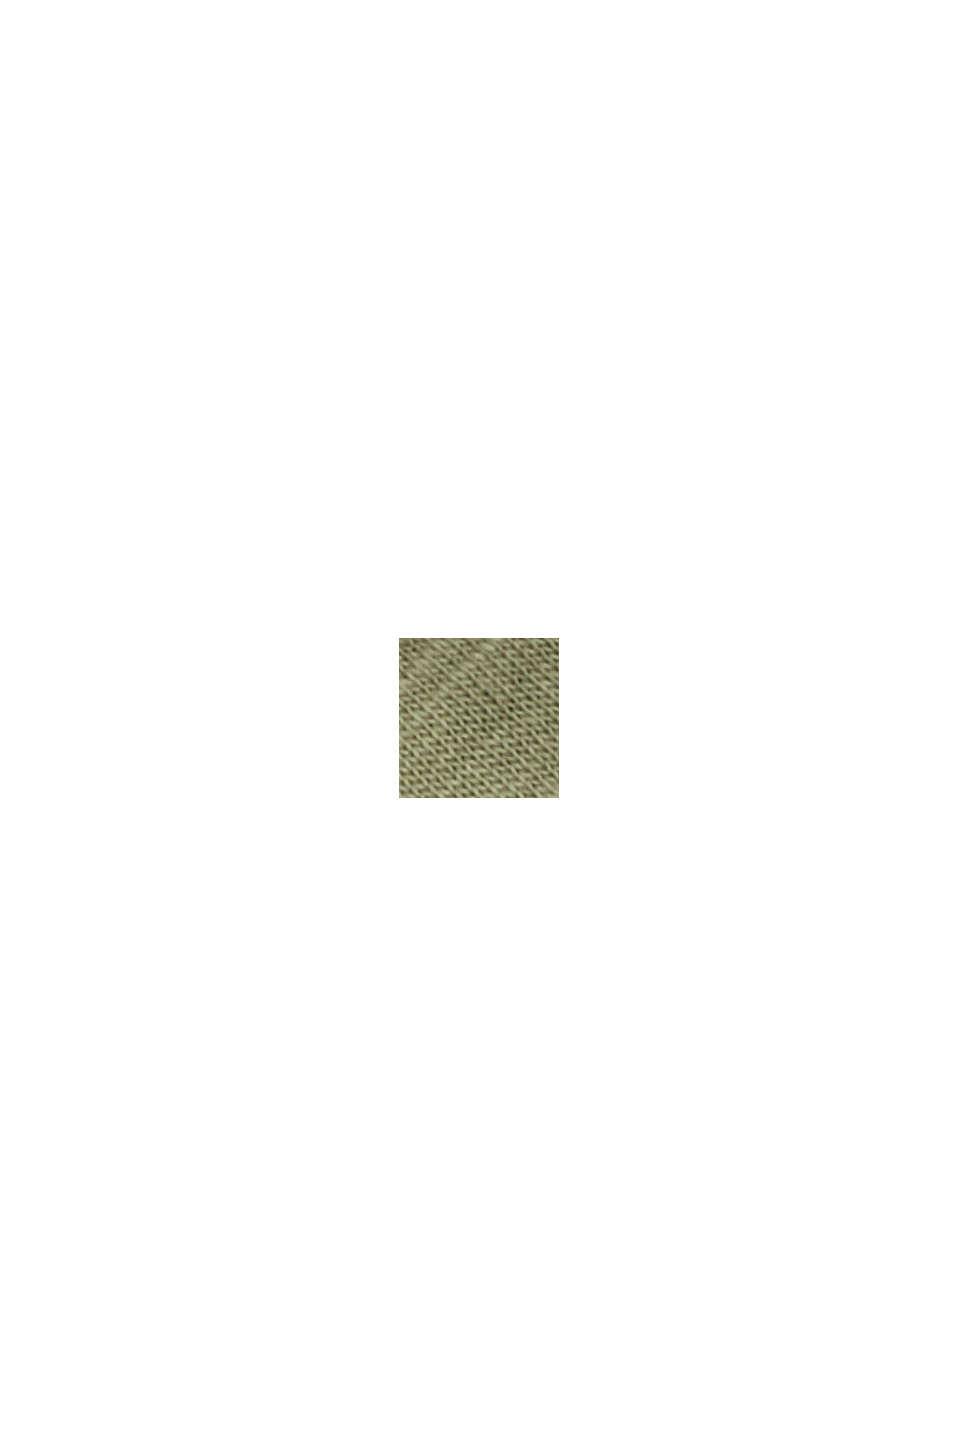 Maglia a manica lunga CURVY a righe con cotone biologico, LIGHT KHAKI, swatch